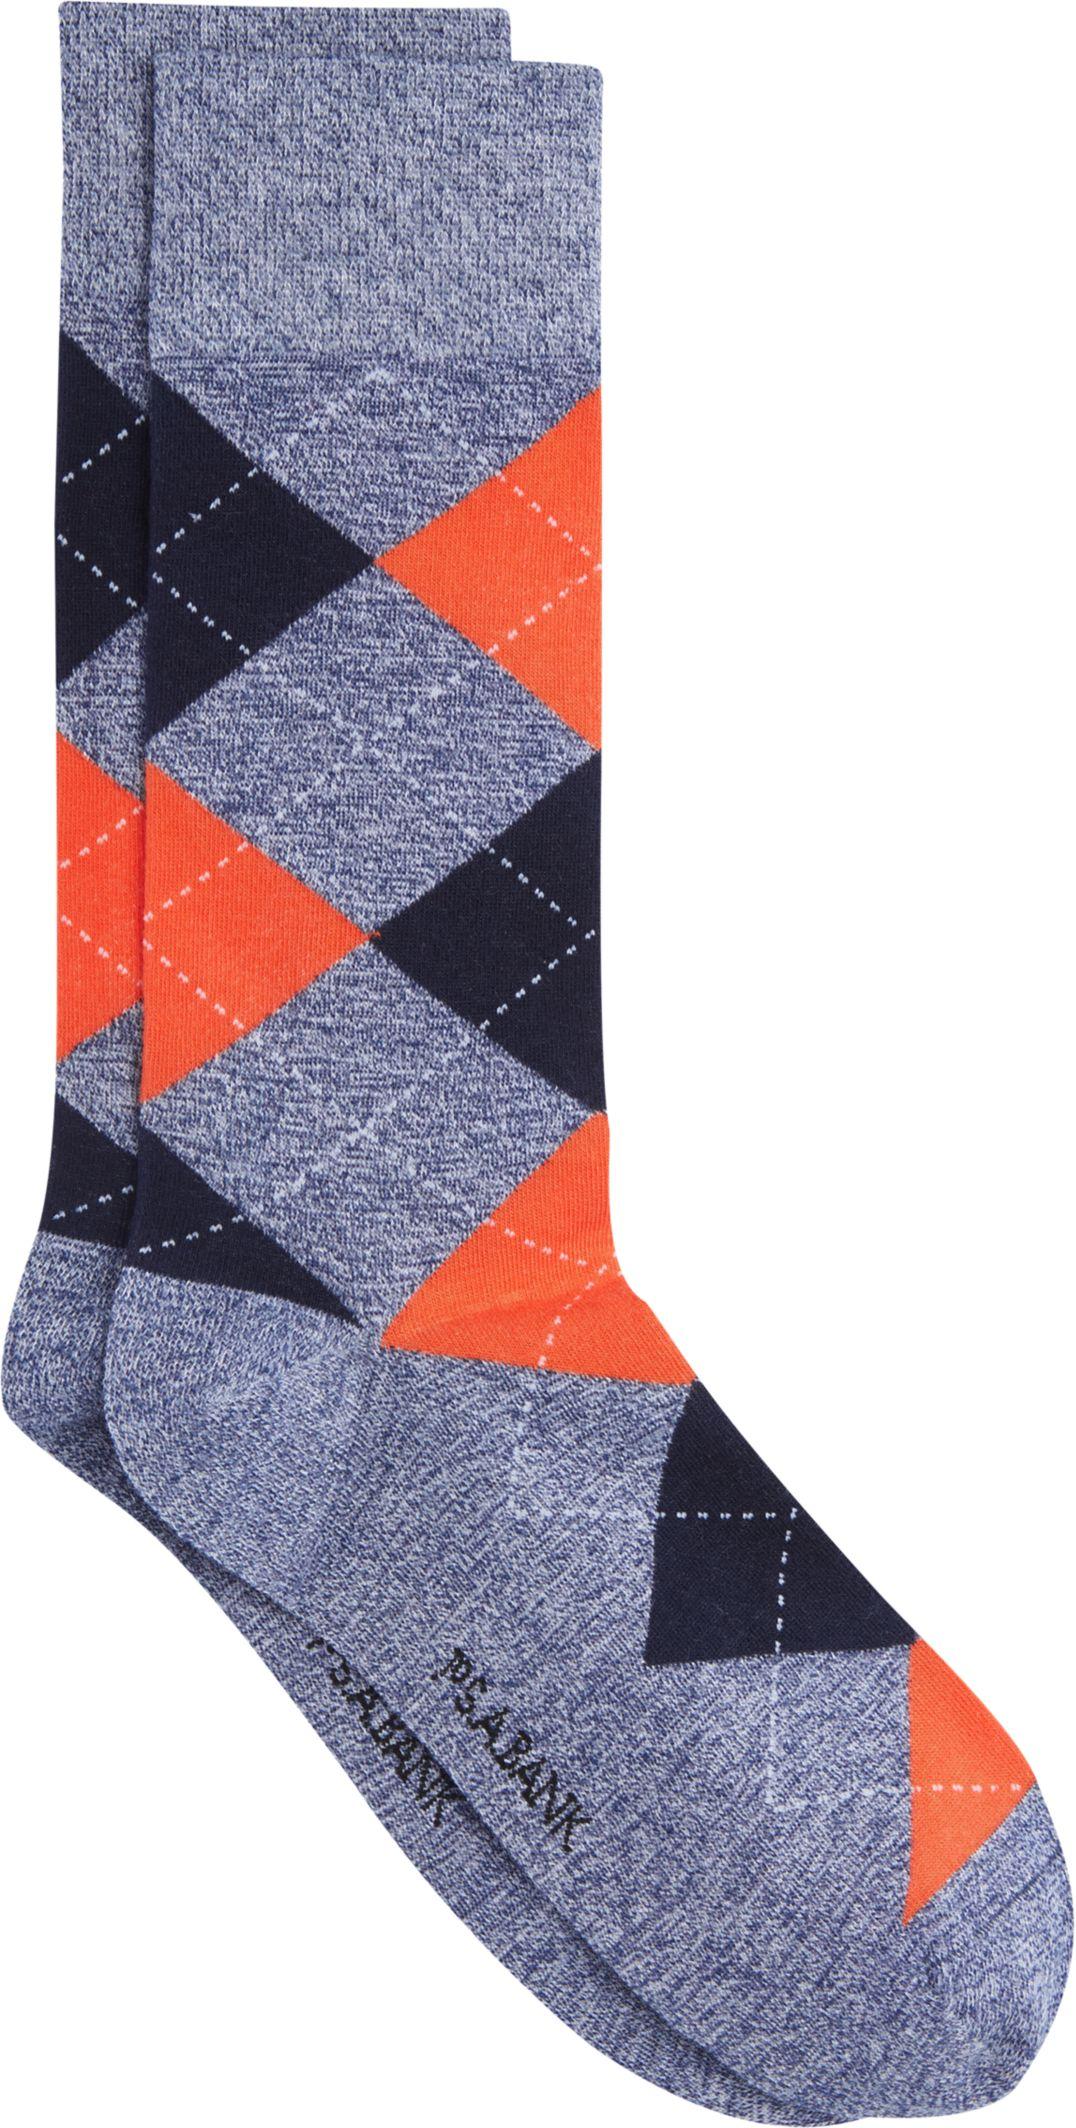 ab791418d362 Jos. A. Bank Argyle Socks, 1-Pair   Products   Argyle socks, Socks ...